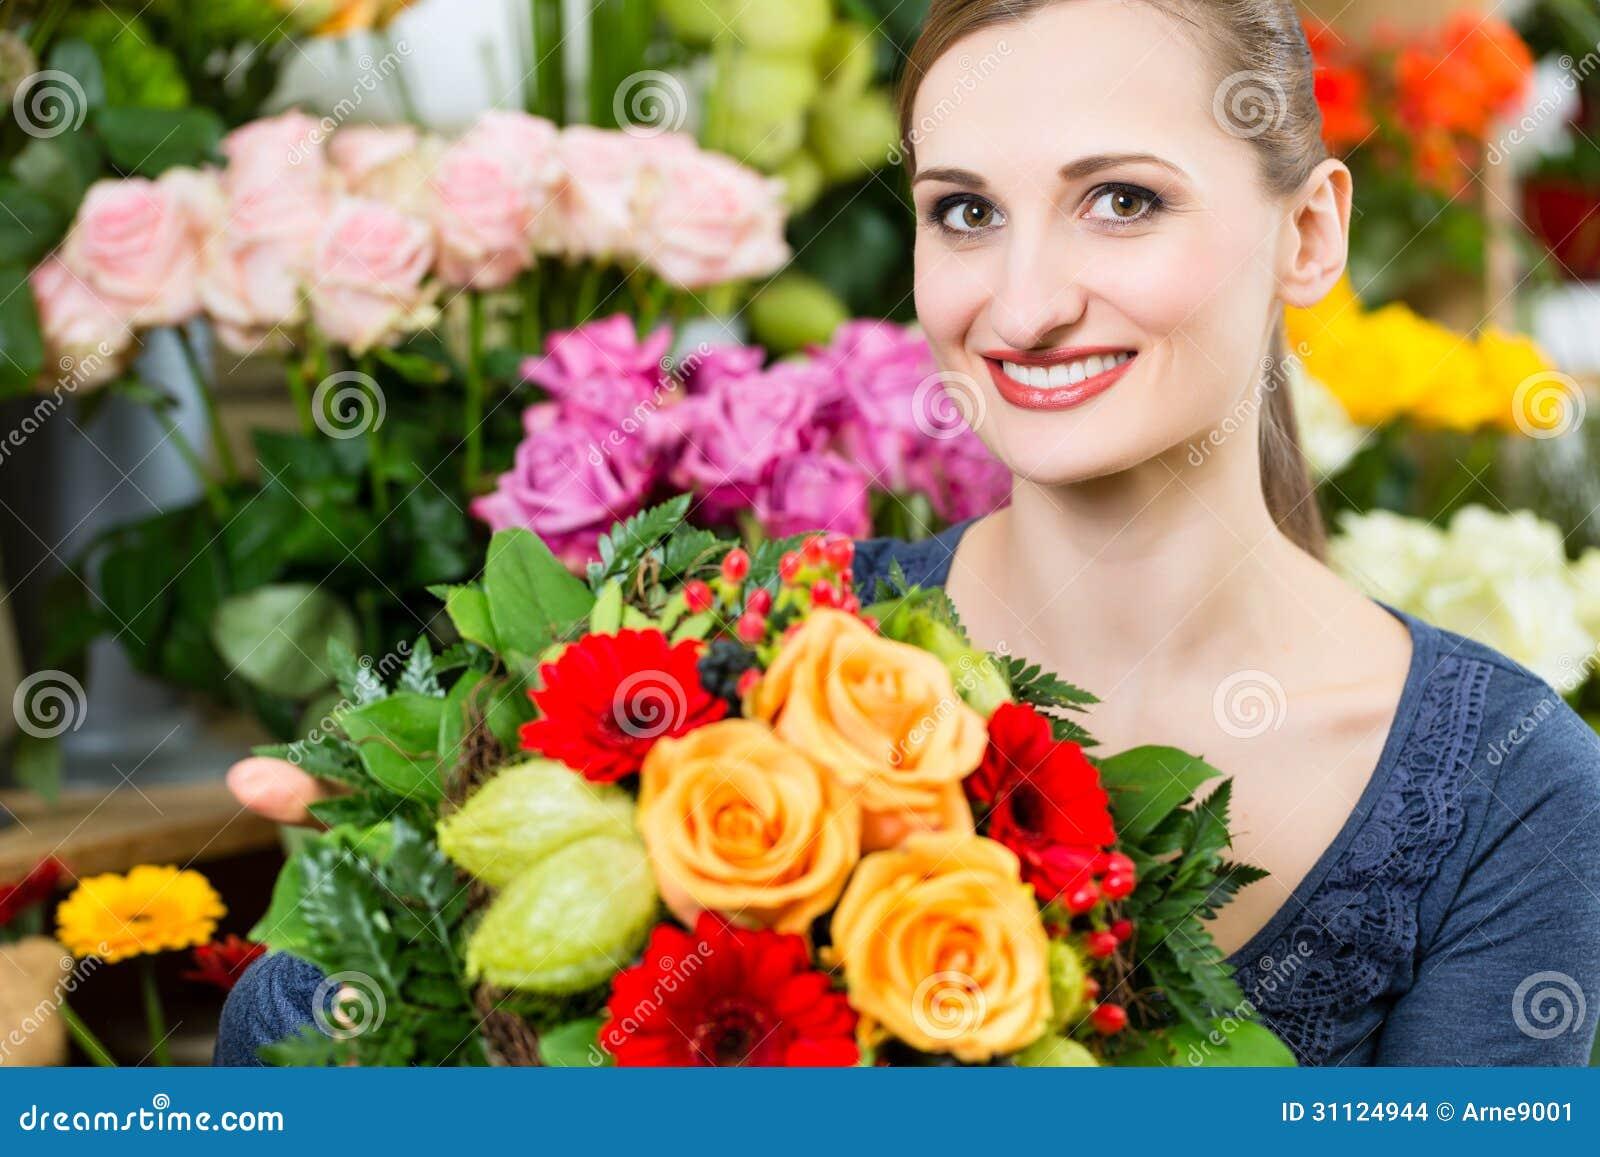 Секс в магазине цветов, Красивый секс продавца с клиенткой в магазине 26 фотография